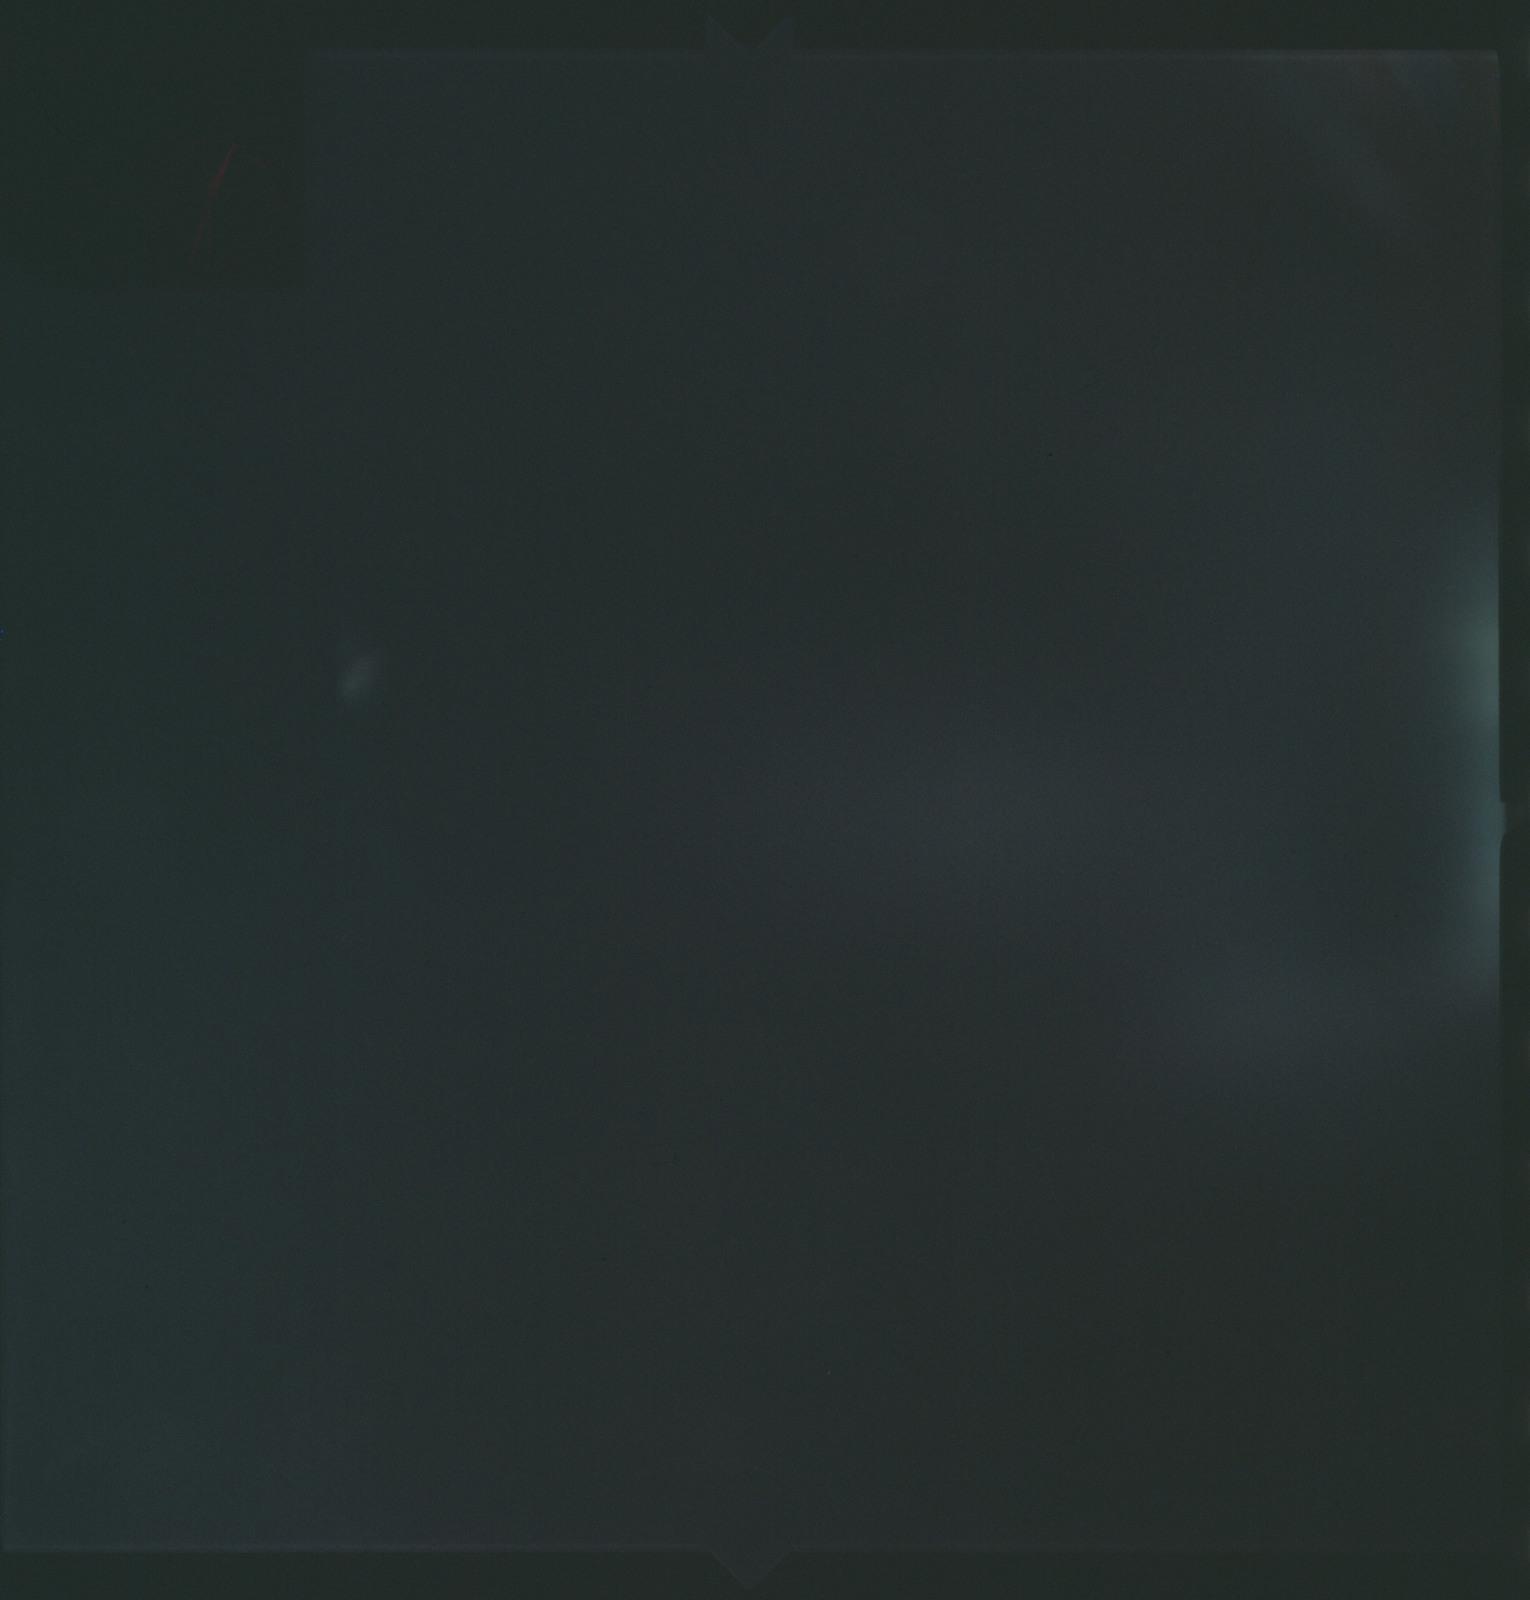 AS04-01-010 - Apollo 4 - Apollo 4 Mission - Black unlighted sky